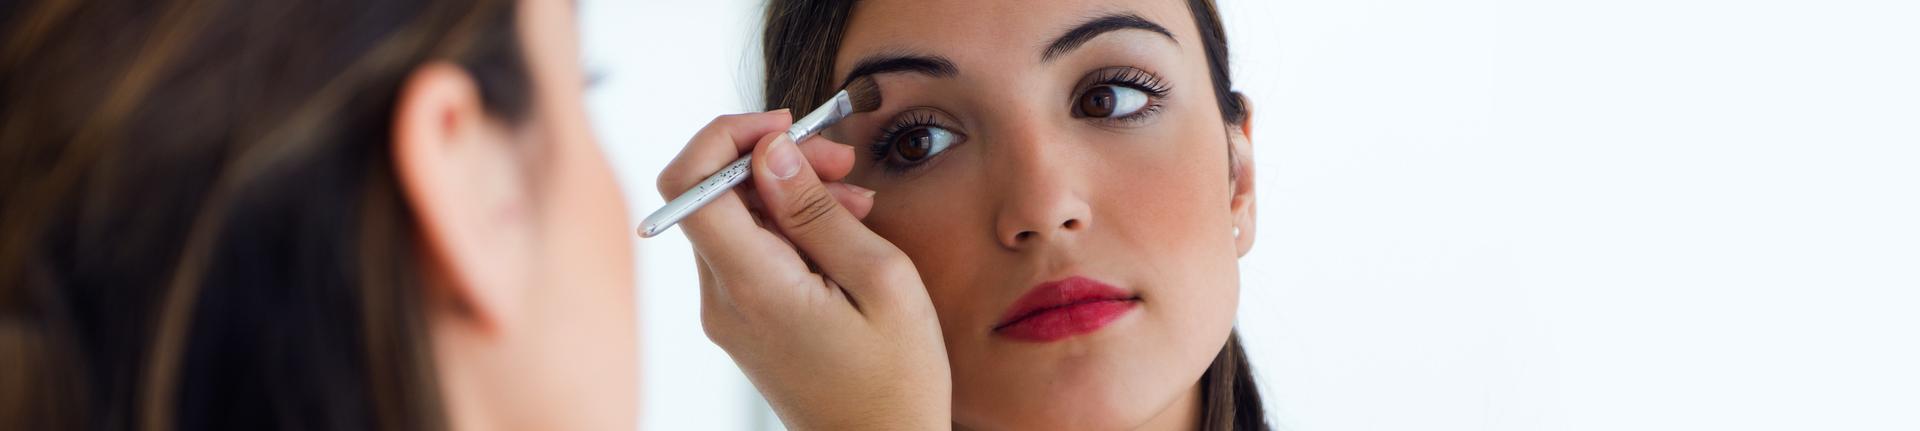 Maquiagem natural e simples: realce a beleza que você já tem!